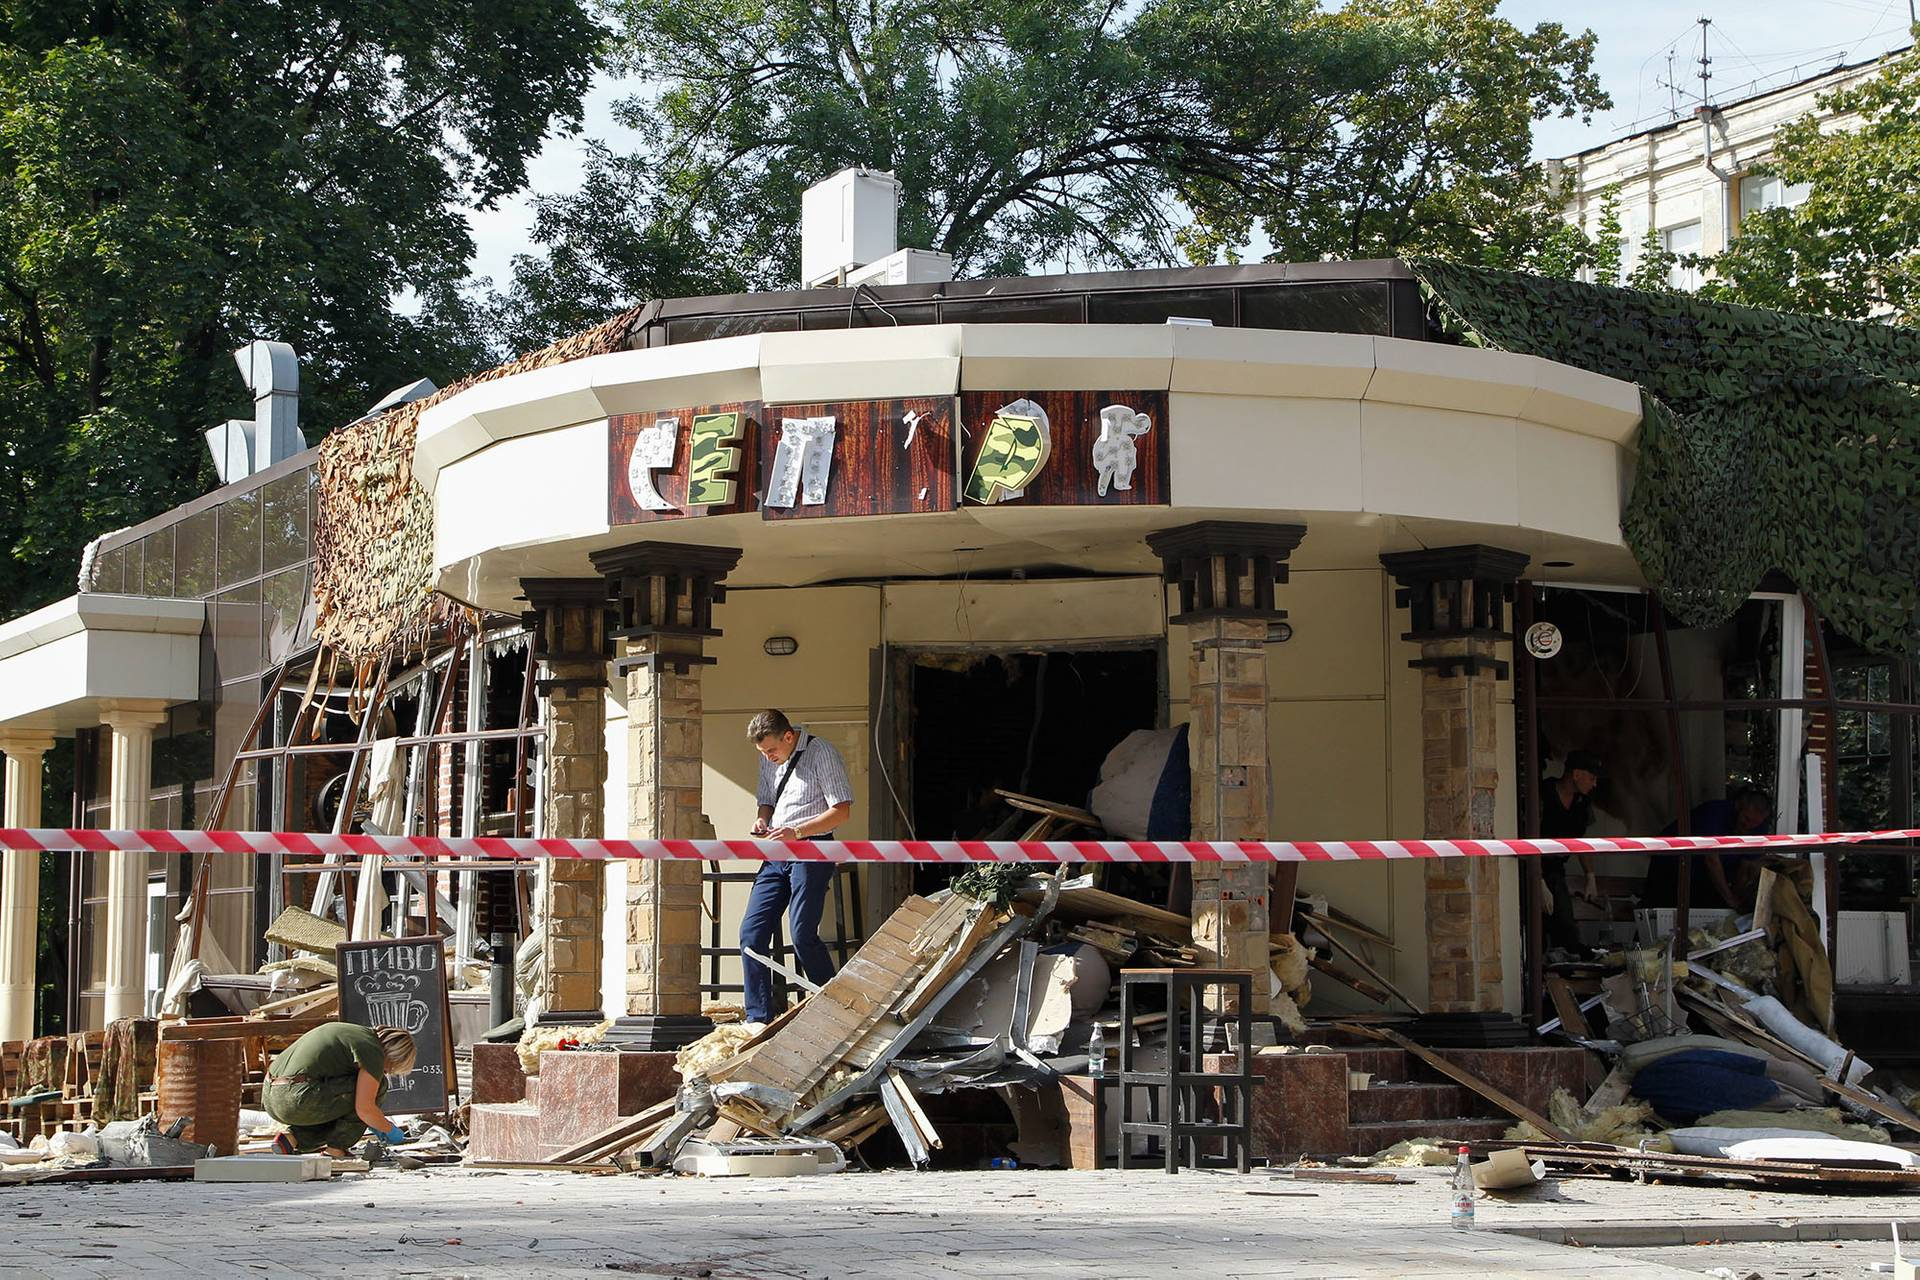 В центрі окупованого Донецька 31 серпня у ресторані «Сепар» підірвали ватажка самоназваної «ДНР» Олександра Захарченка, 1 вересня 2018 року